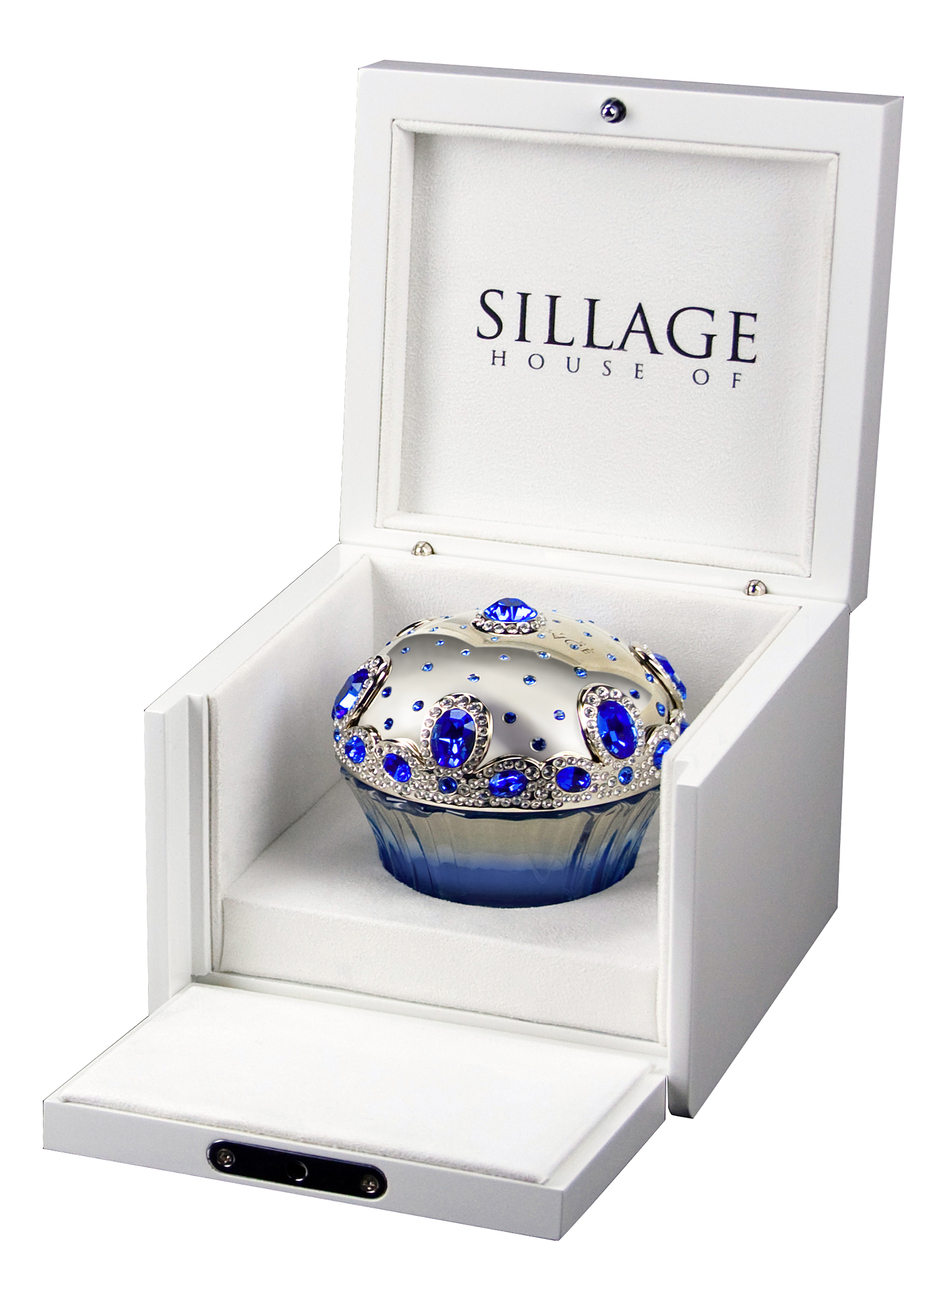 House Of Sillage Tiara: духи 75мл (лимитированный выпуск)